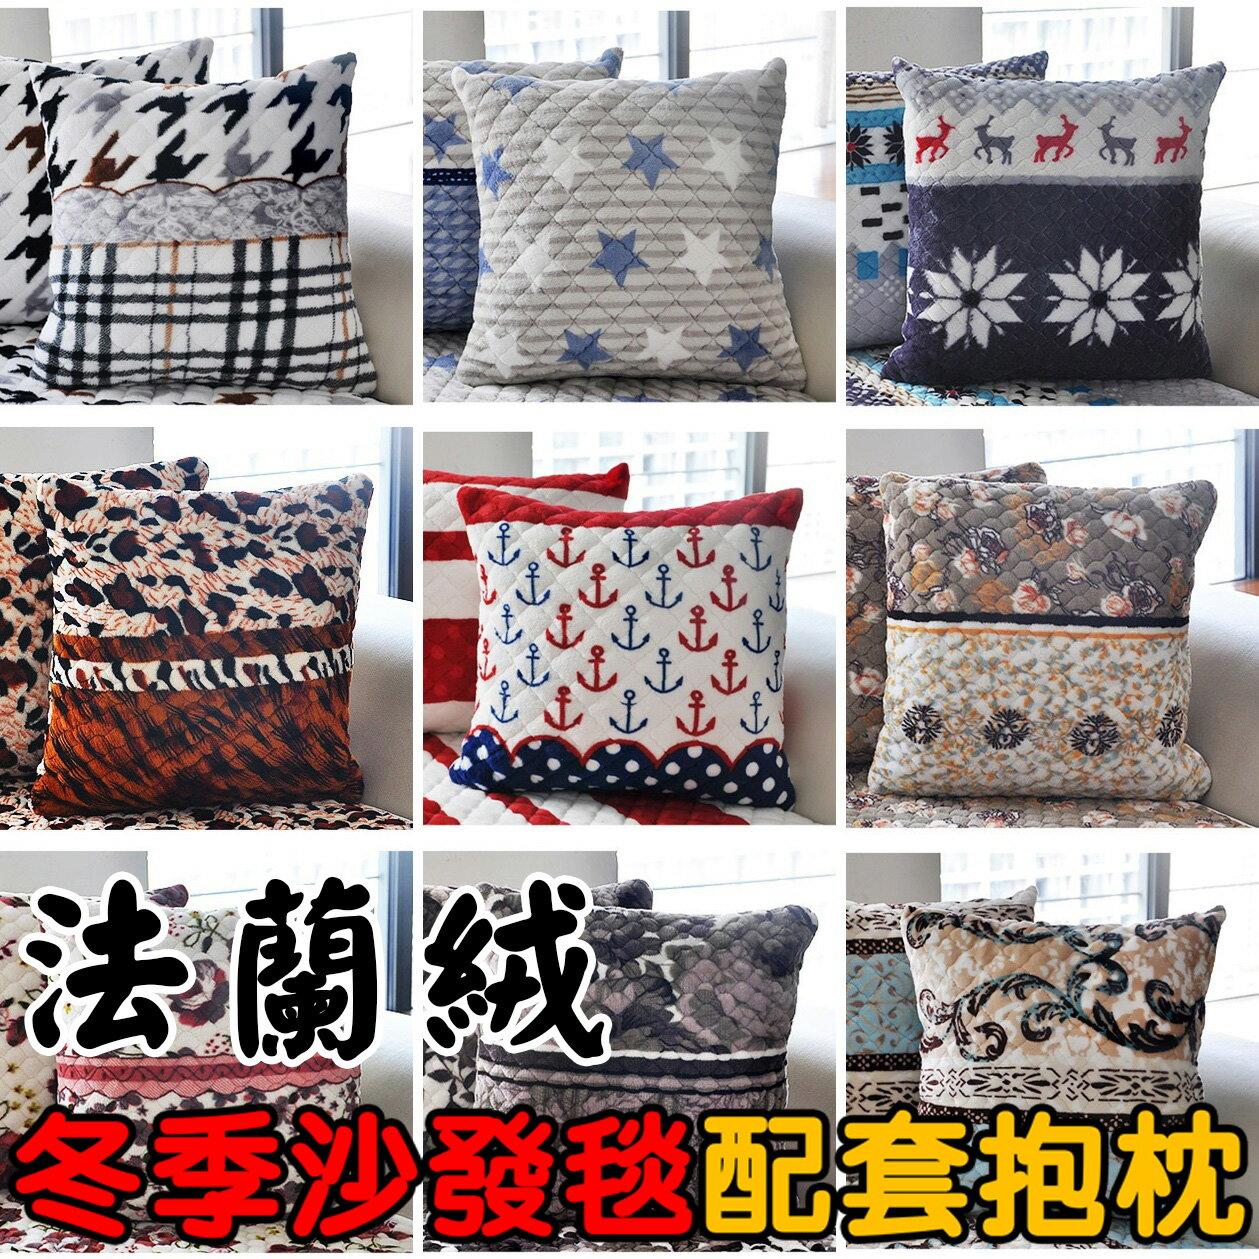 《冬季款》沙發毯法蘭絨沙發墊 保潔墊保養清潔 純棉法蘭絨 防貓抓 地毯地墊椅墊坐墊 幸福小舖